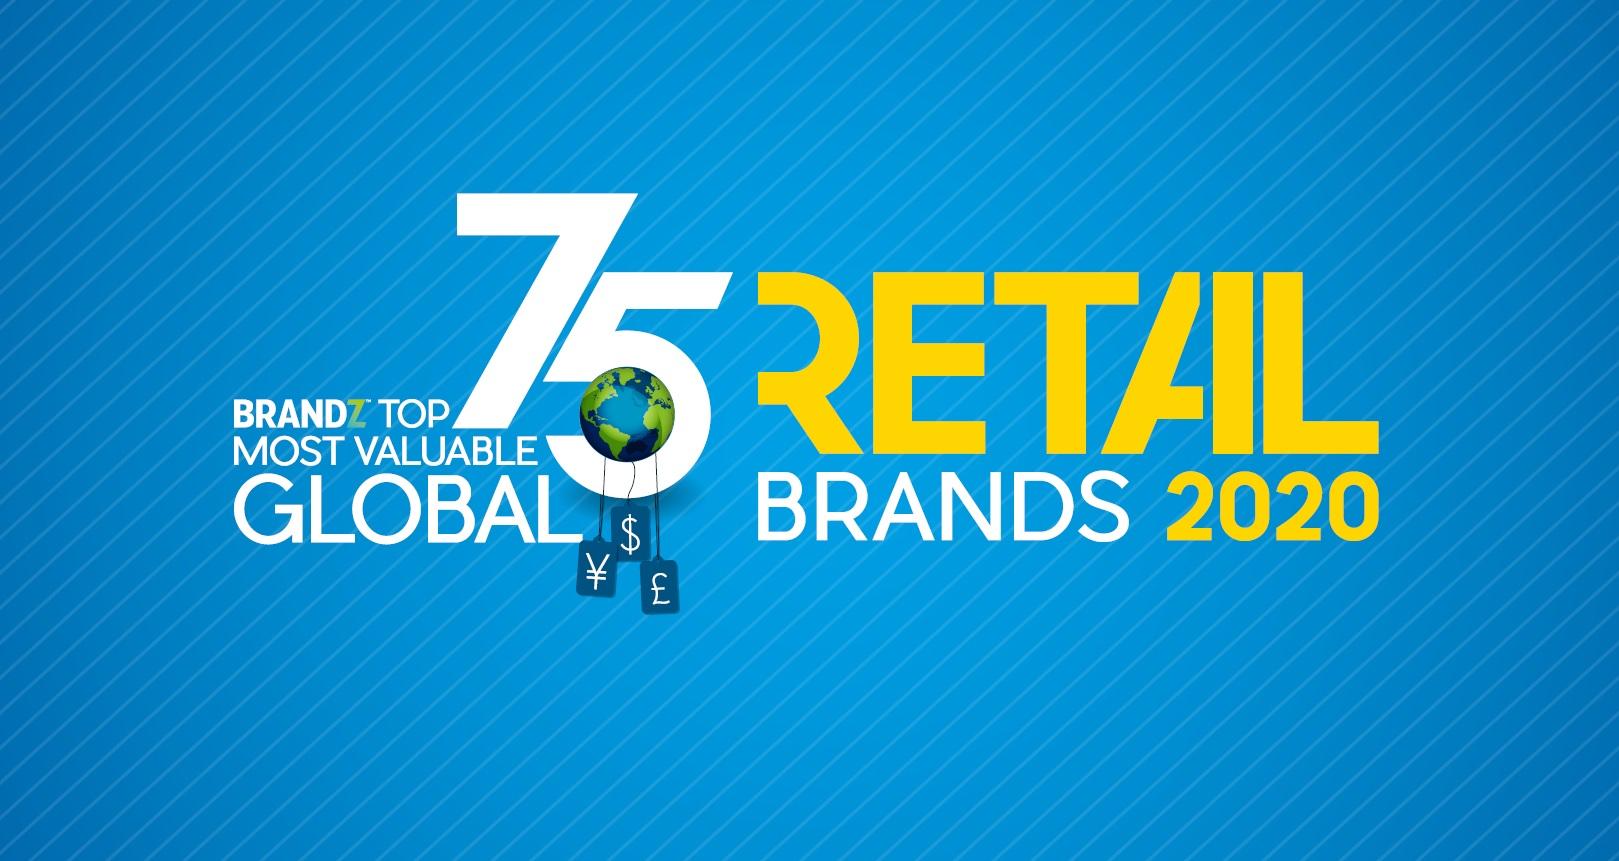 《2020年BrandZ全球最有價值零售品牌75強》衡量純零售、快餐、服飾及奢侈品四個版塊中,企業所擁有的財務價值及品牌貢獻,從而選出最具代表性的75家全球企業。